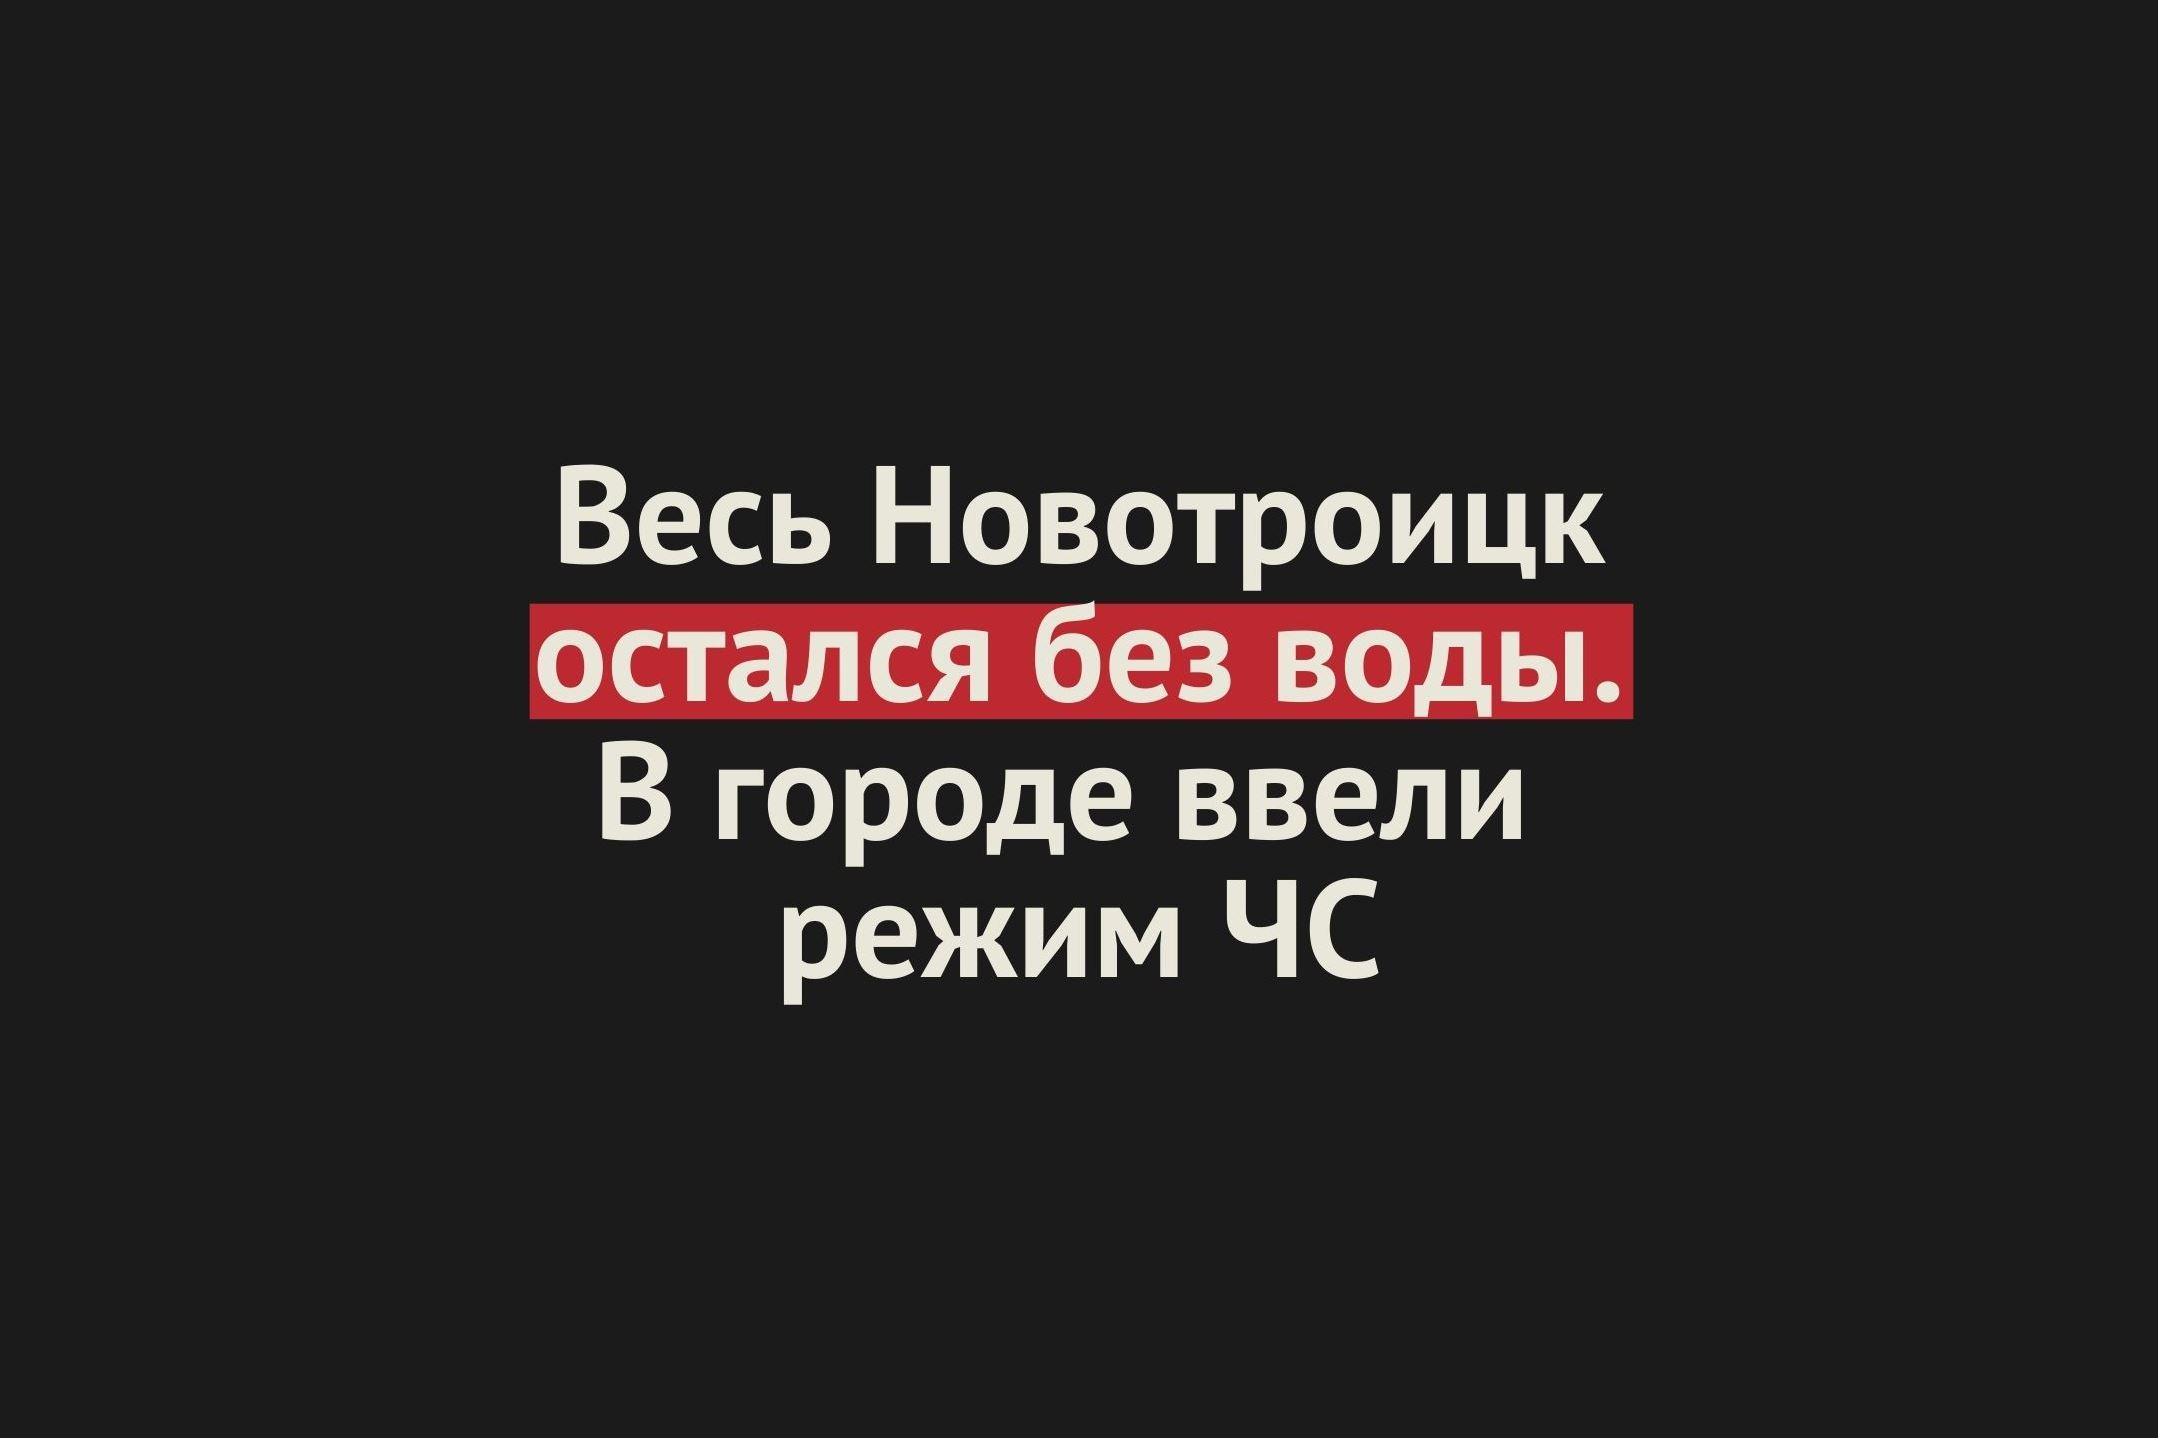 Заработать онлайн новотроицк вебкам эротика веб модели русские